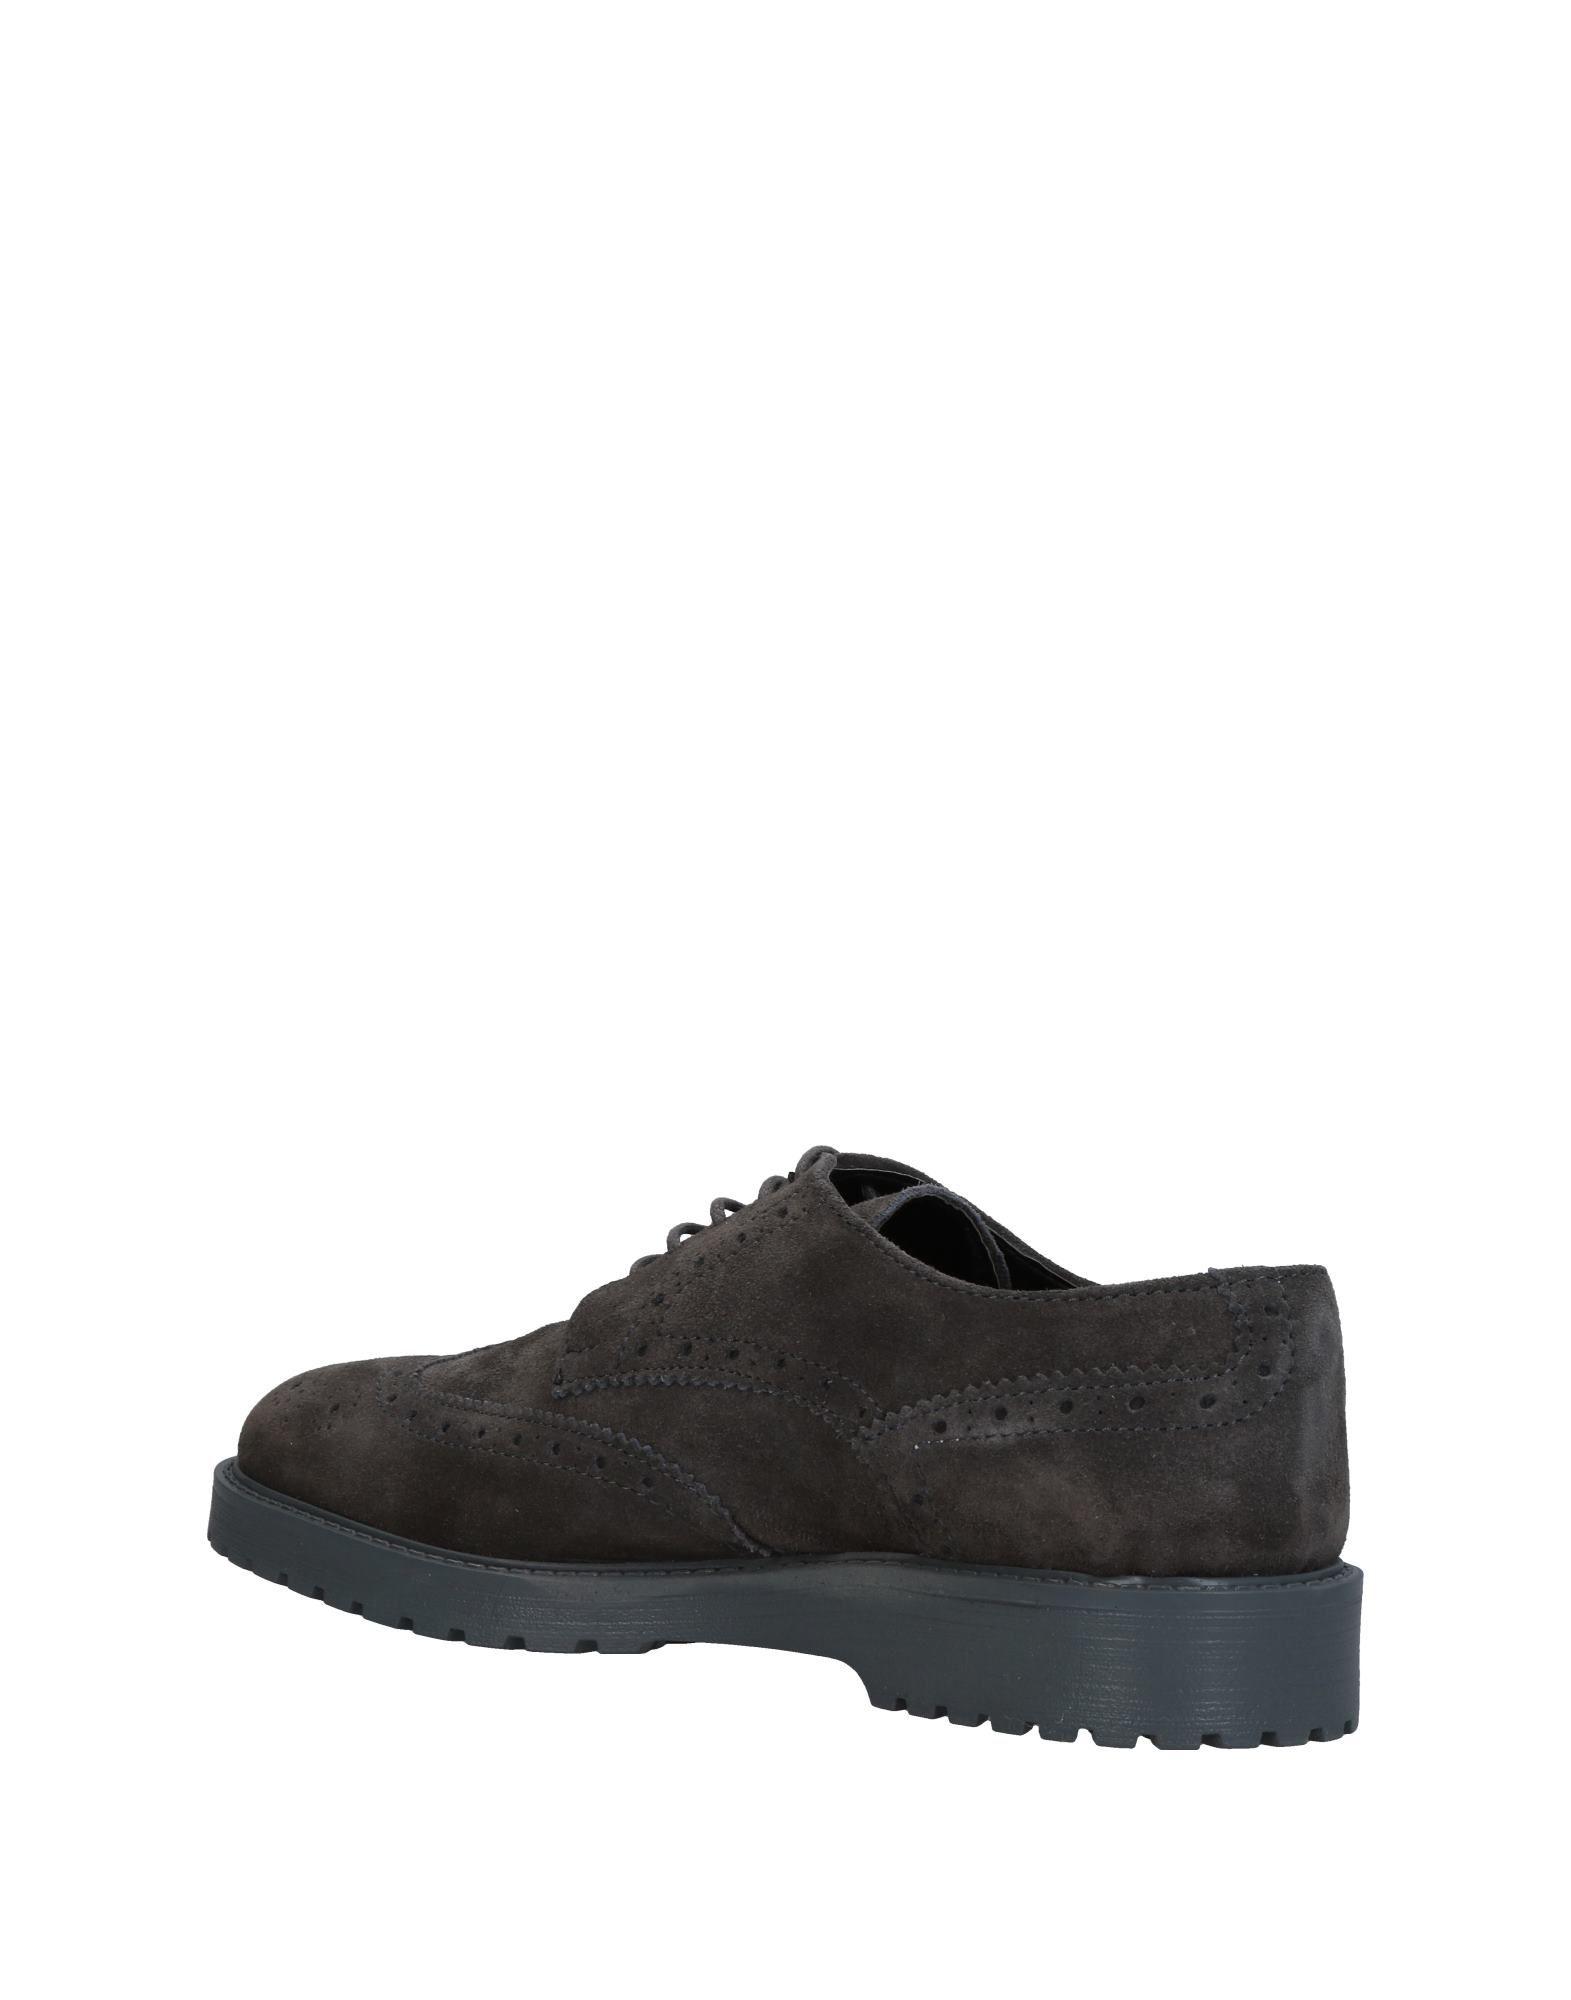 The Spark Schnürschuhe Herren  11455834JQ Gute Qualität beliebte Schuhe